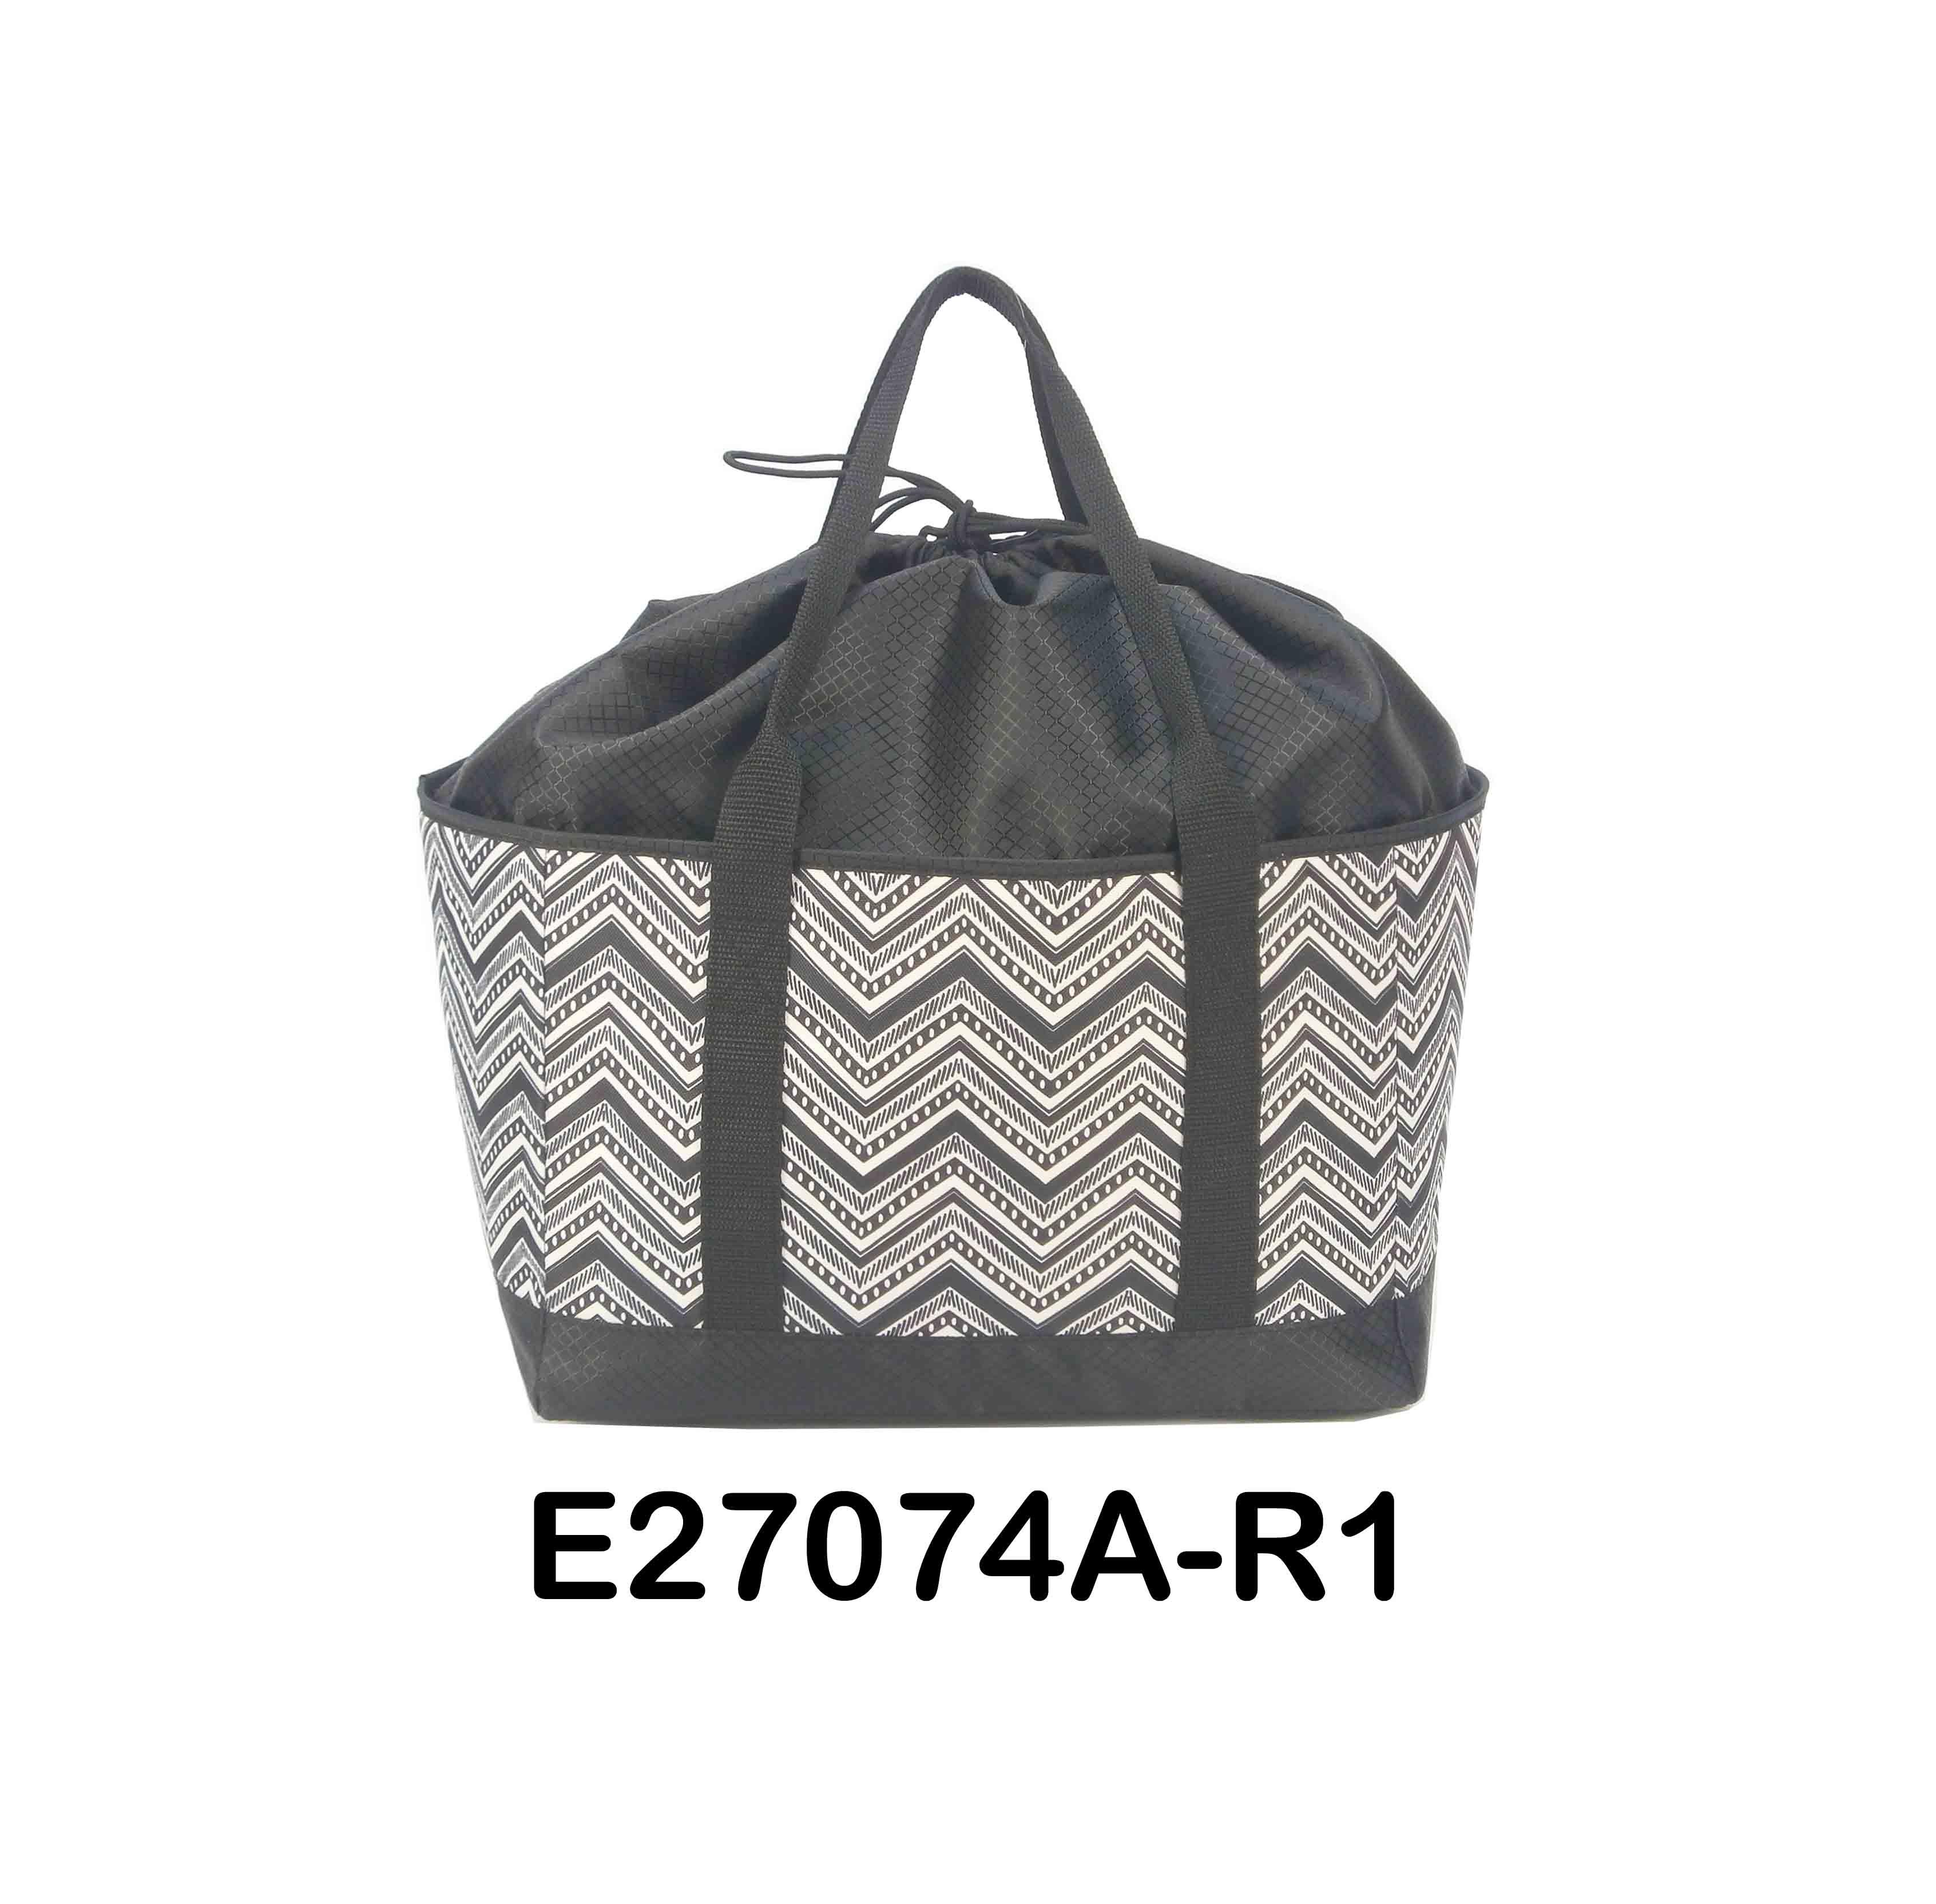 E27074A-R1